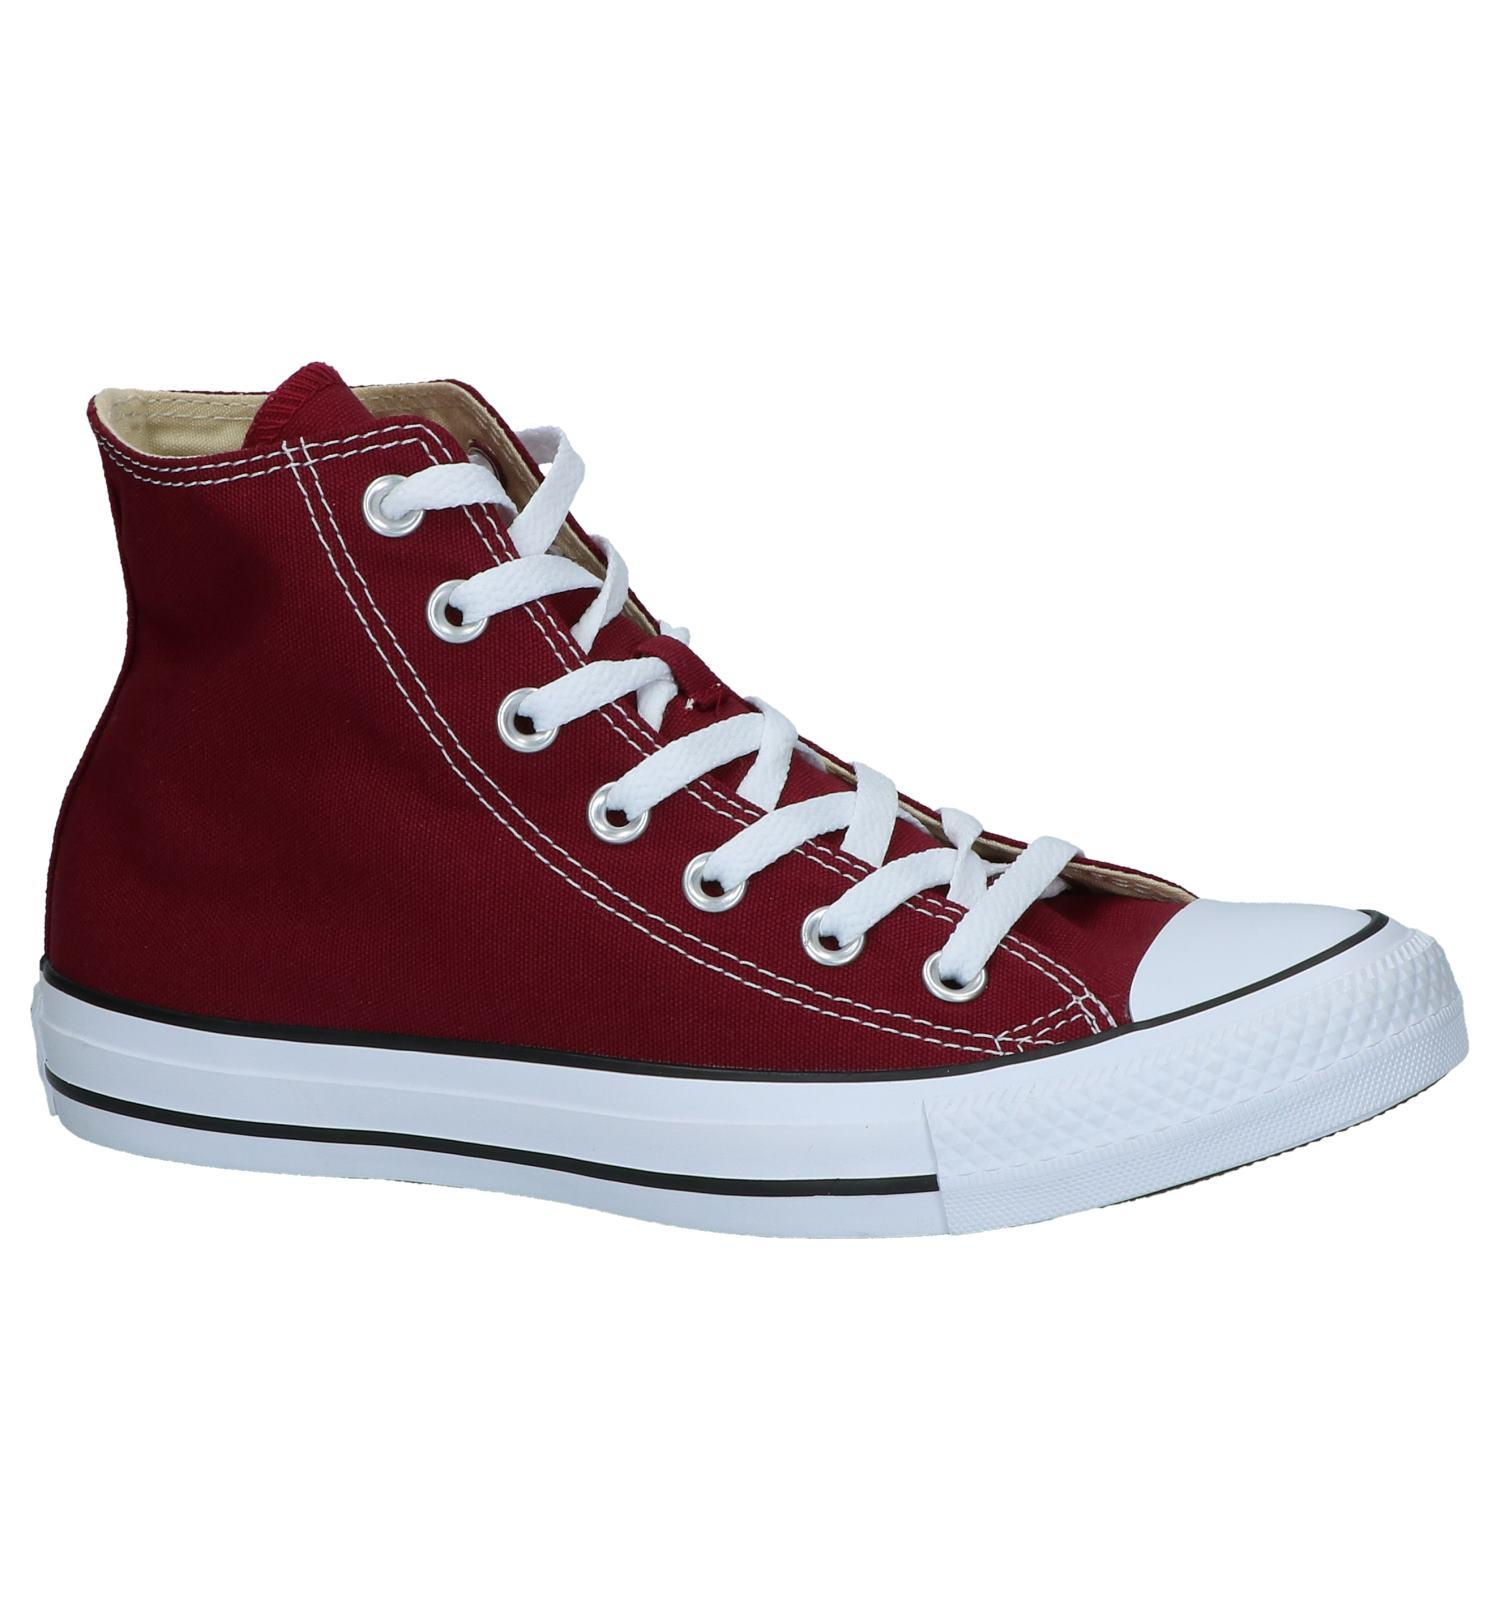 3adec302a44 Hoge Sneakers Bordeaux Converse CT All Star   TORFS.BE   Gratis verzend en  retour